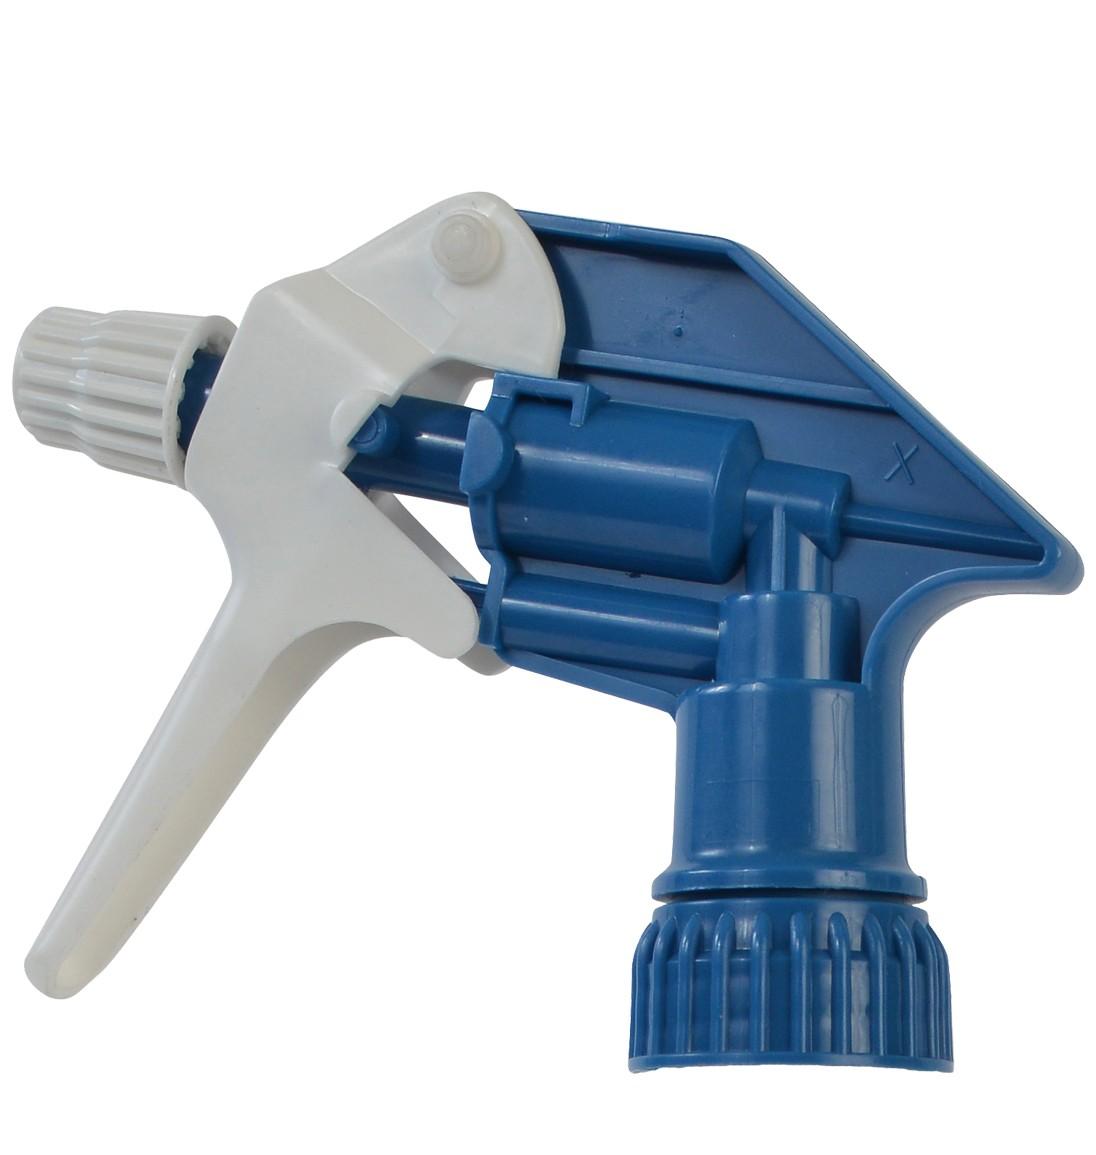 1006 Multi Directional Trigger Sprayers For Bottles Blue